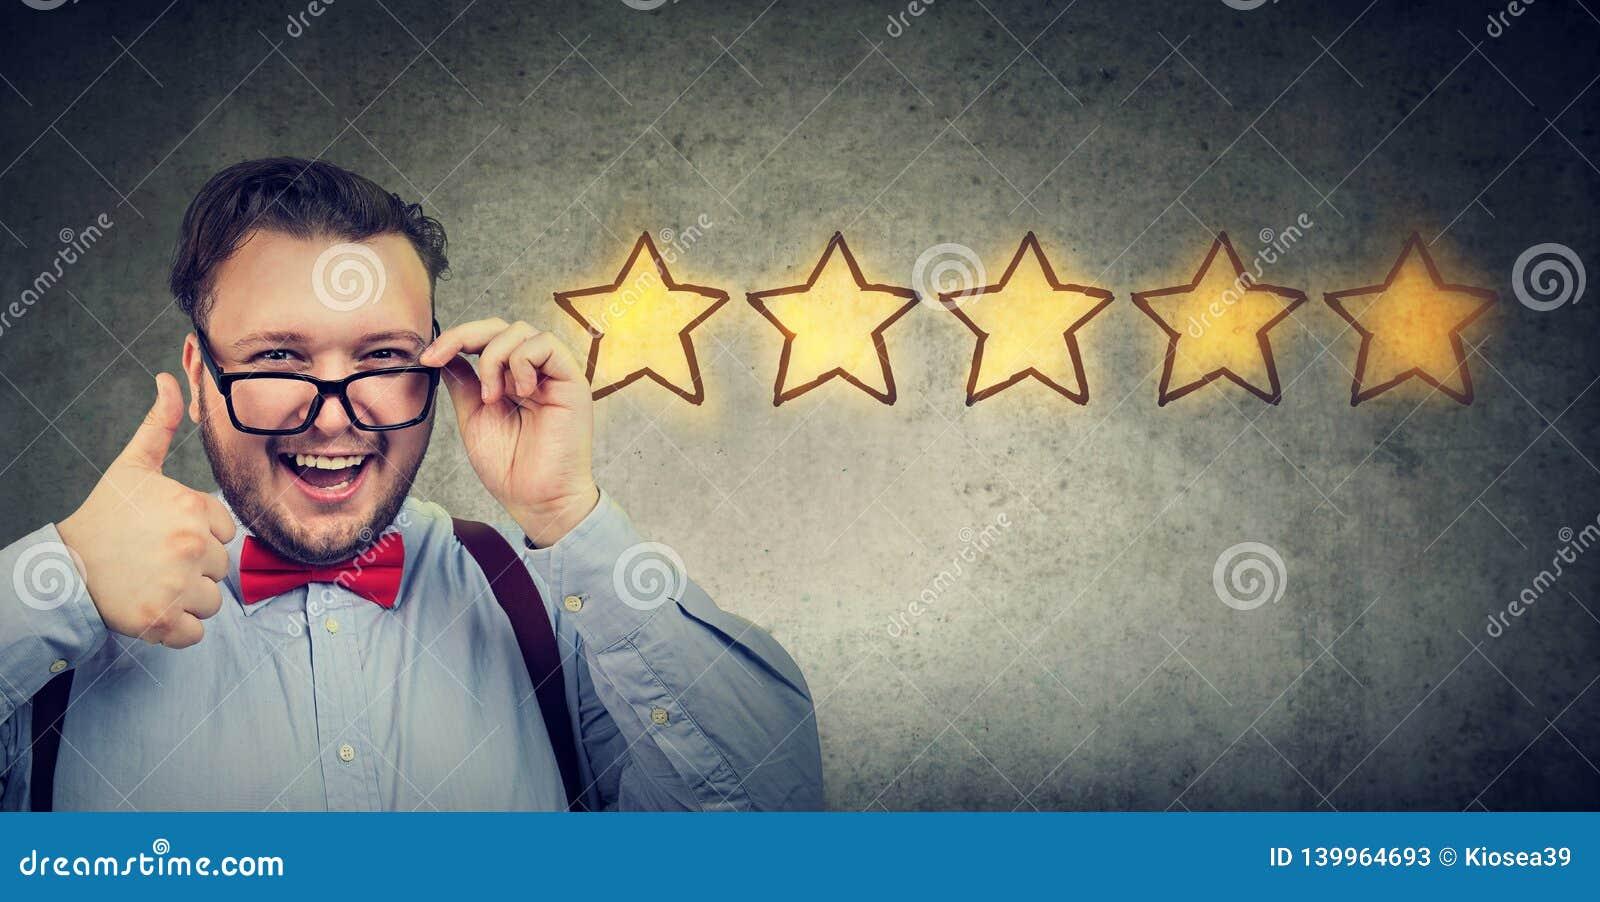 Homem considerável heerful do ¡ de Ð que sorri mostrando o polegar acima como o gesto que escolhe uma avaliação de cinco estrelas